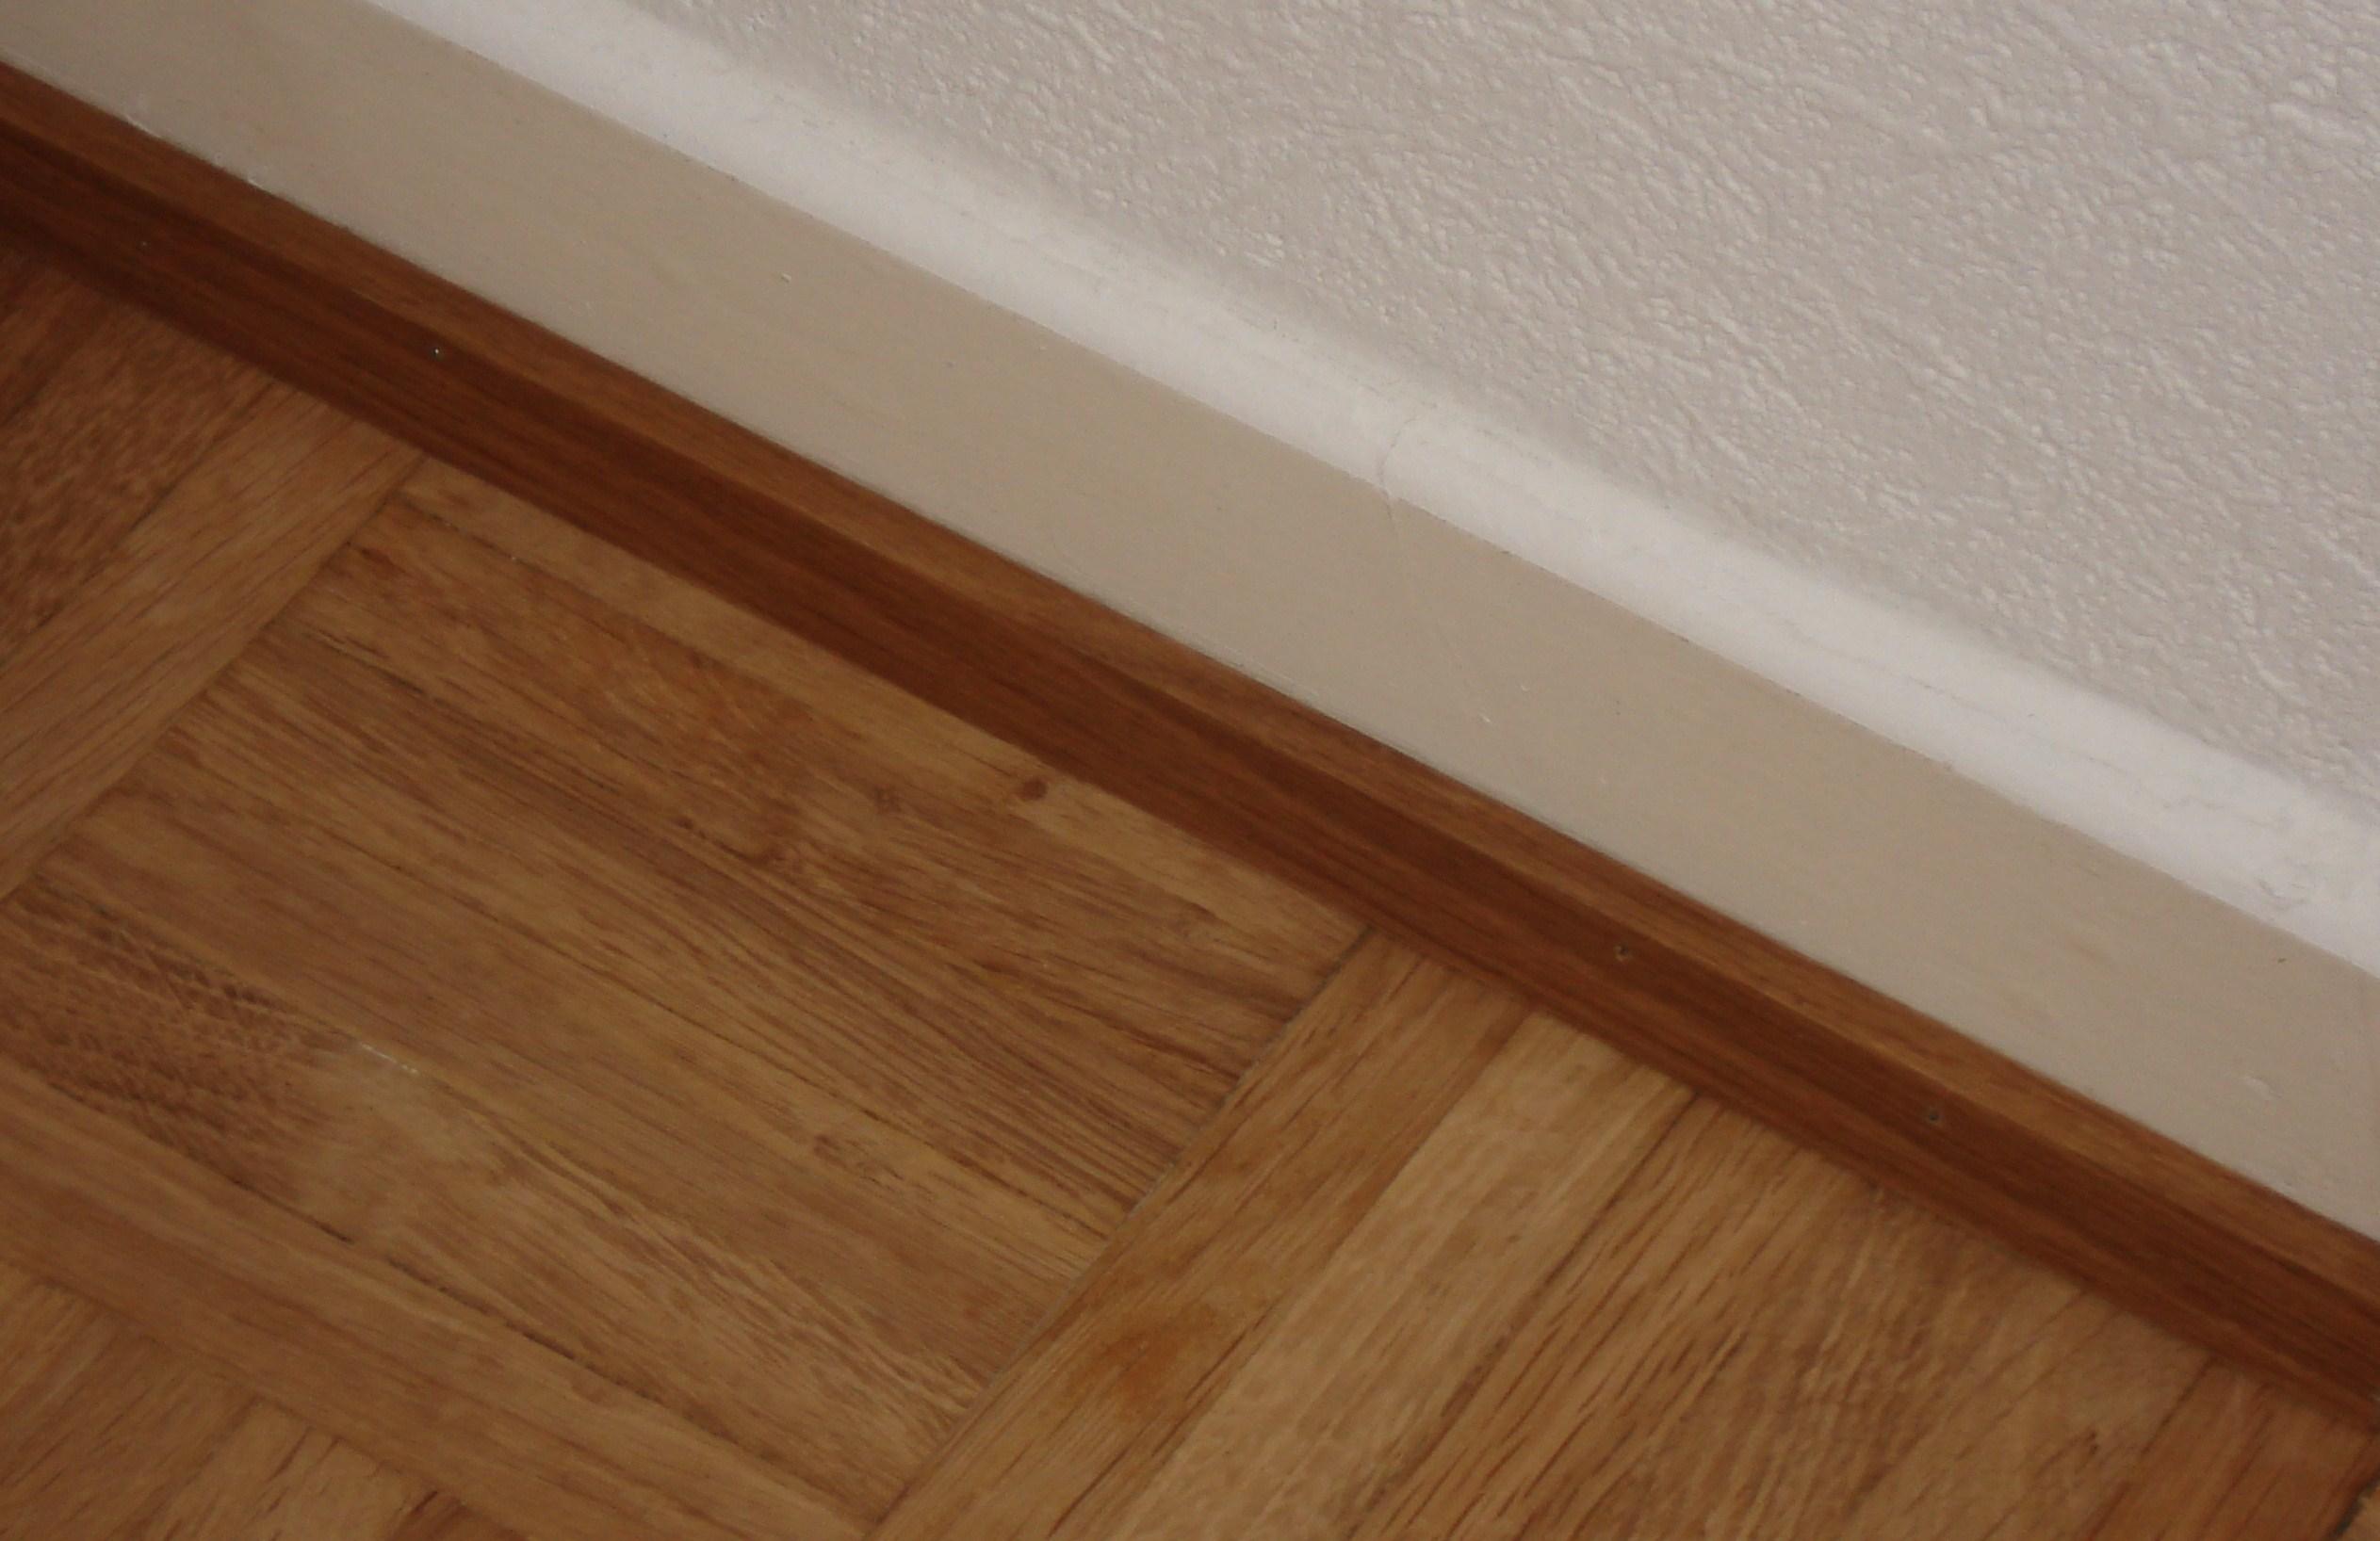 Fußbodenleiste file fußbodenleiste jpg wikimedia commons